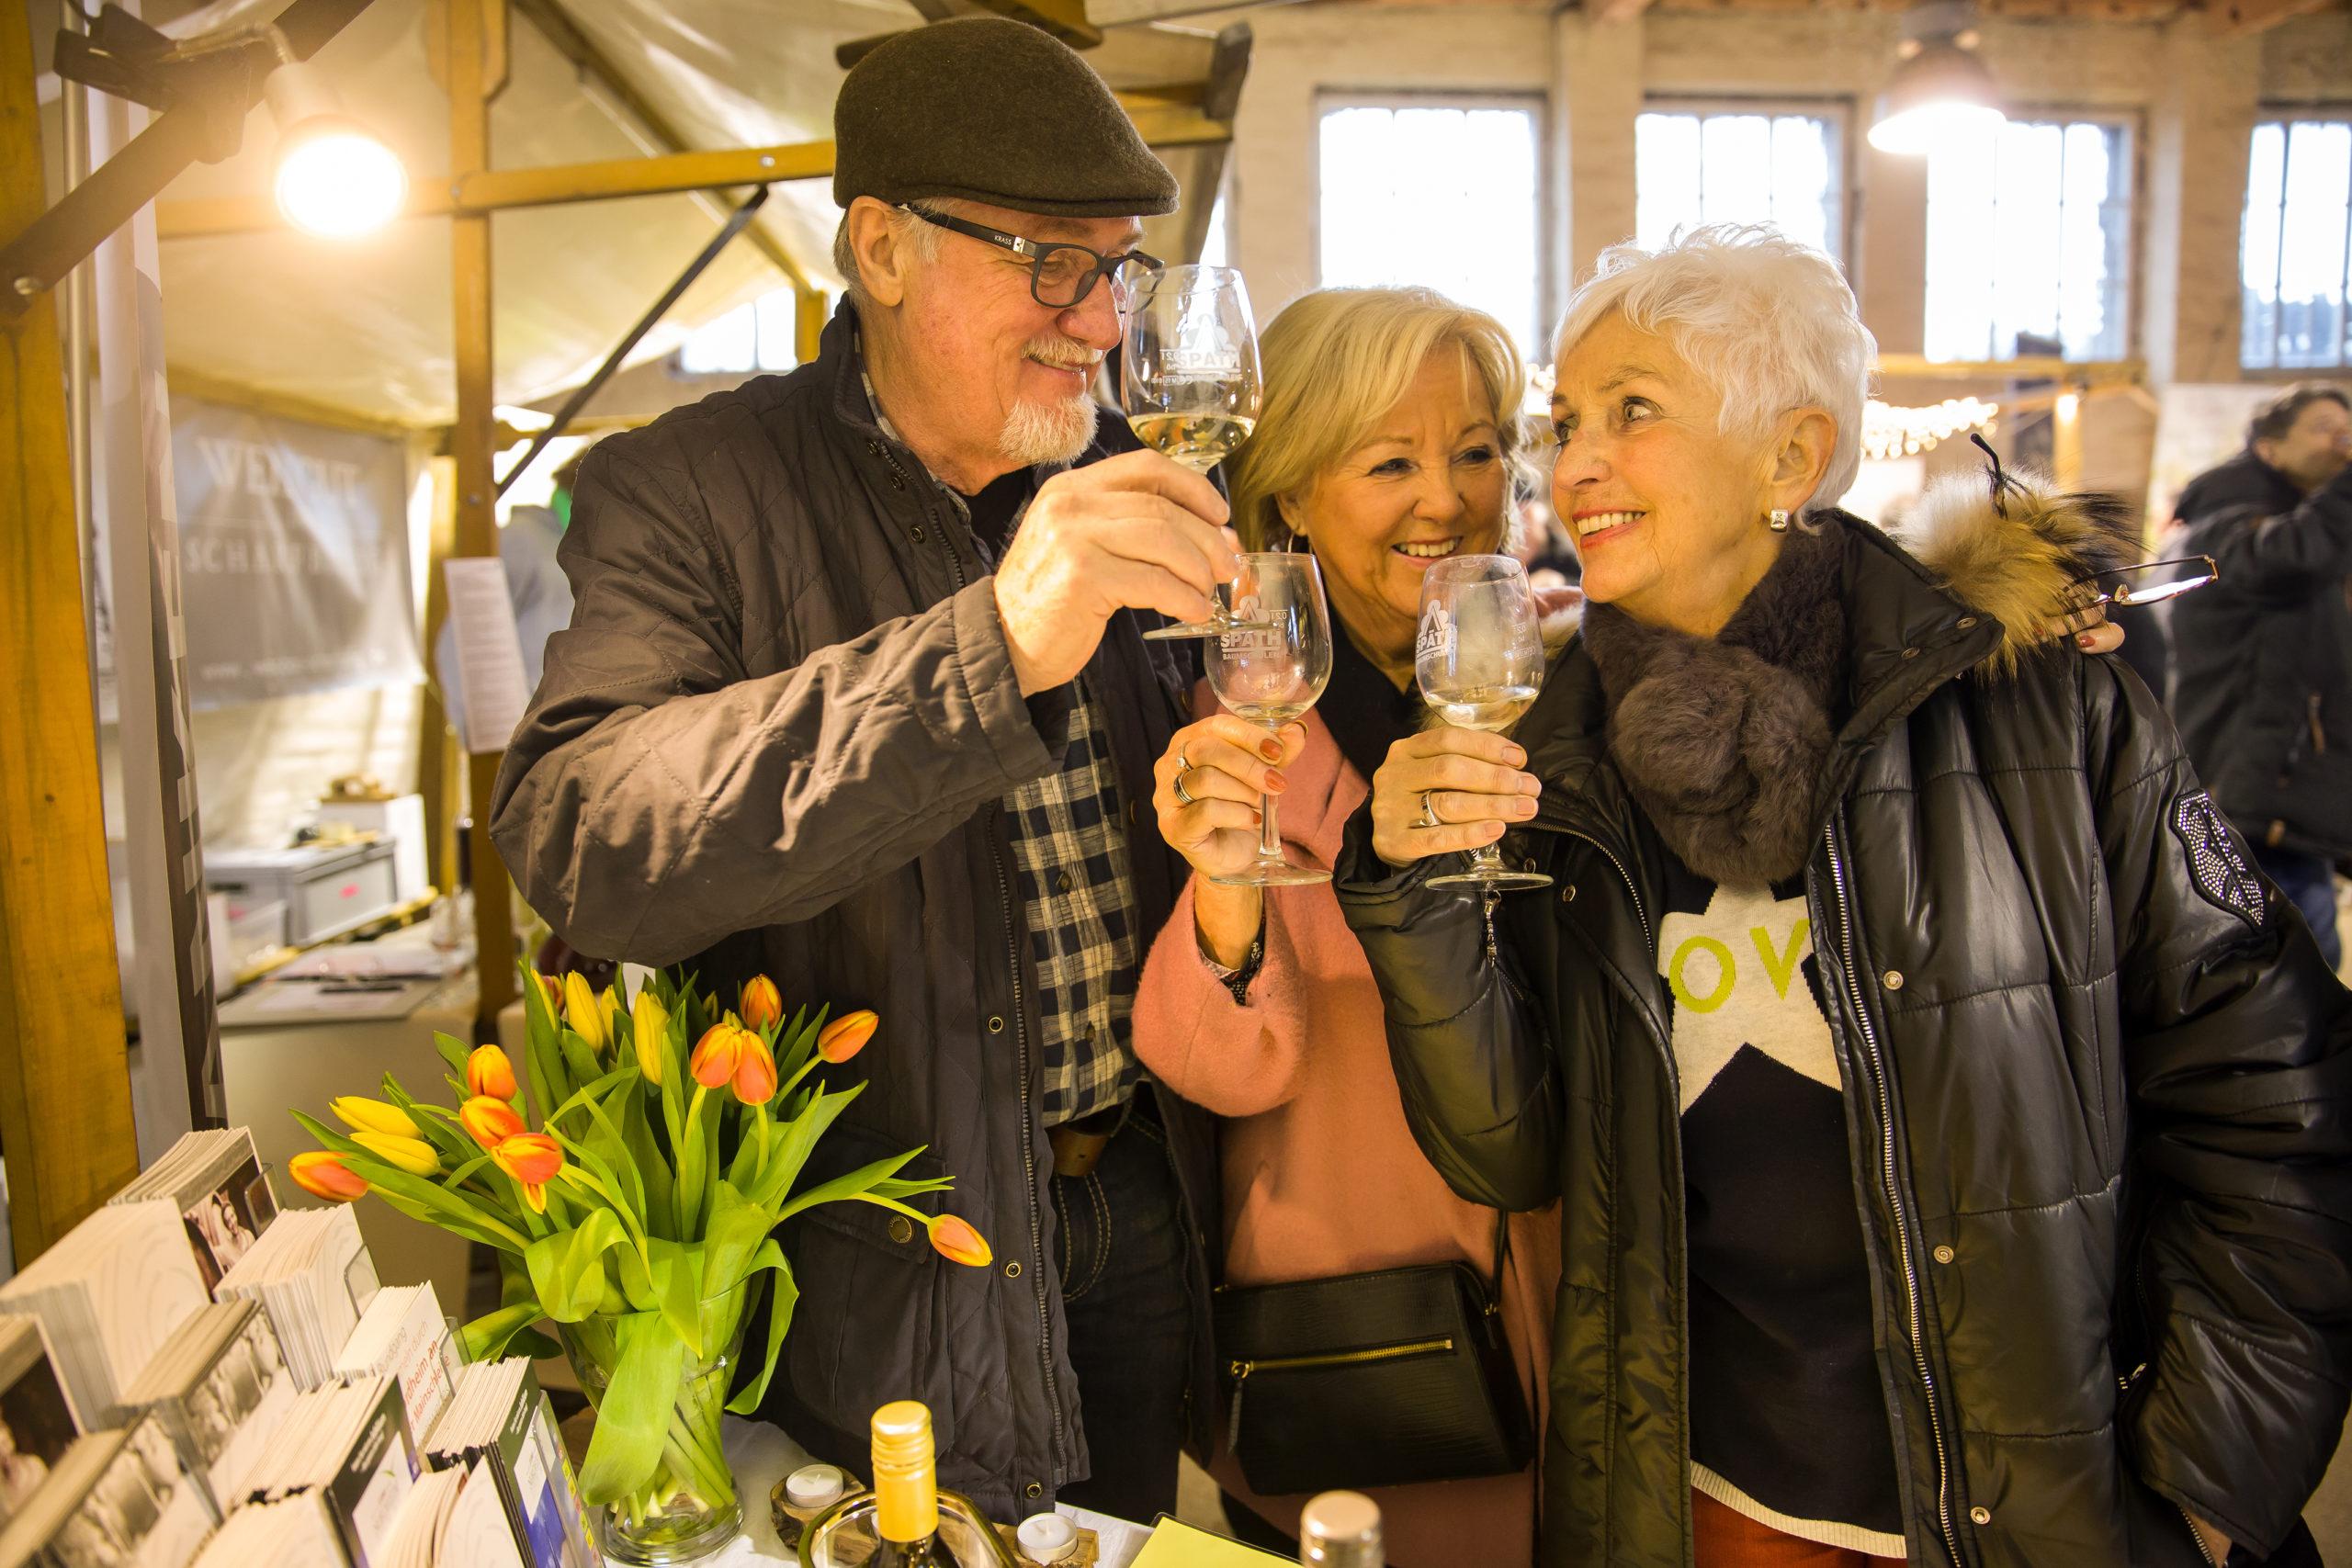 Besucher prosten sich beim Weinfest in der historischen Packhalle zu